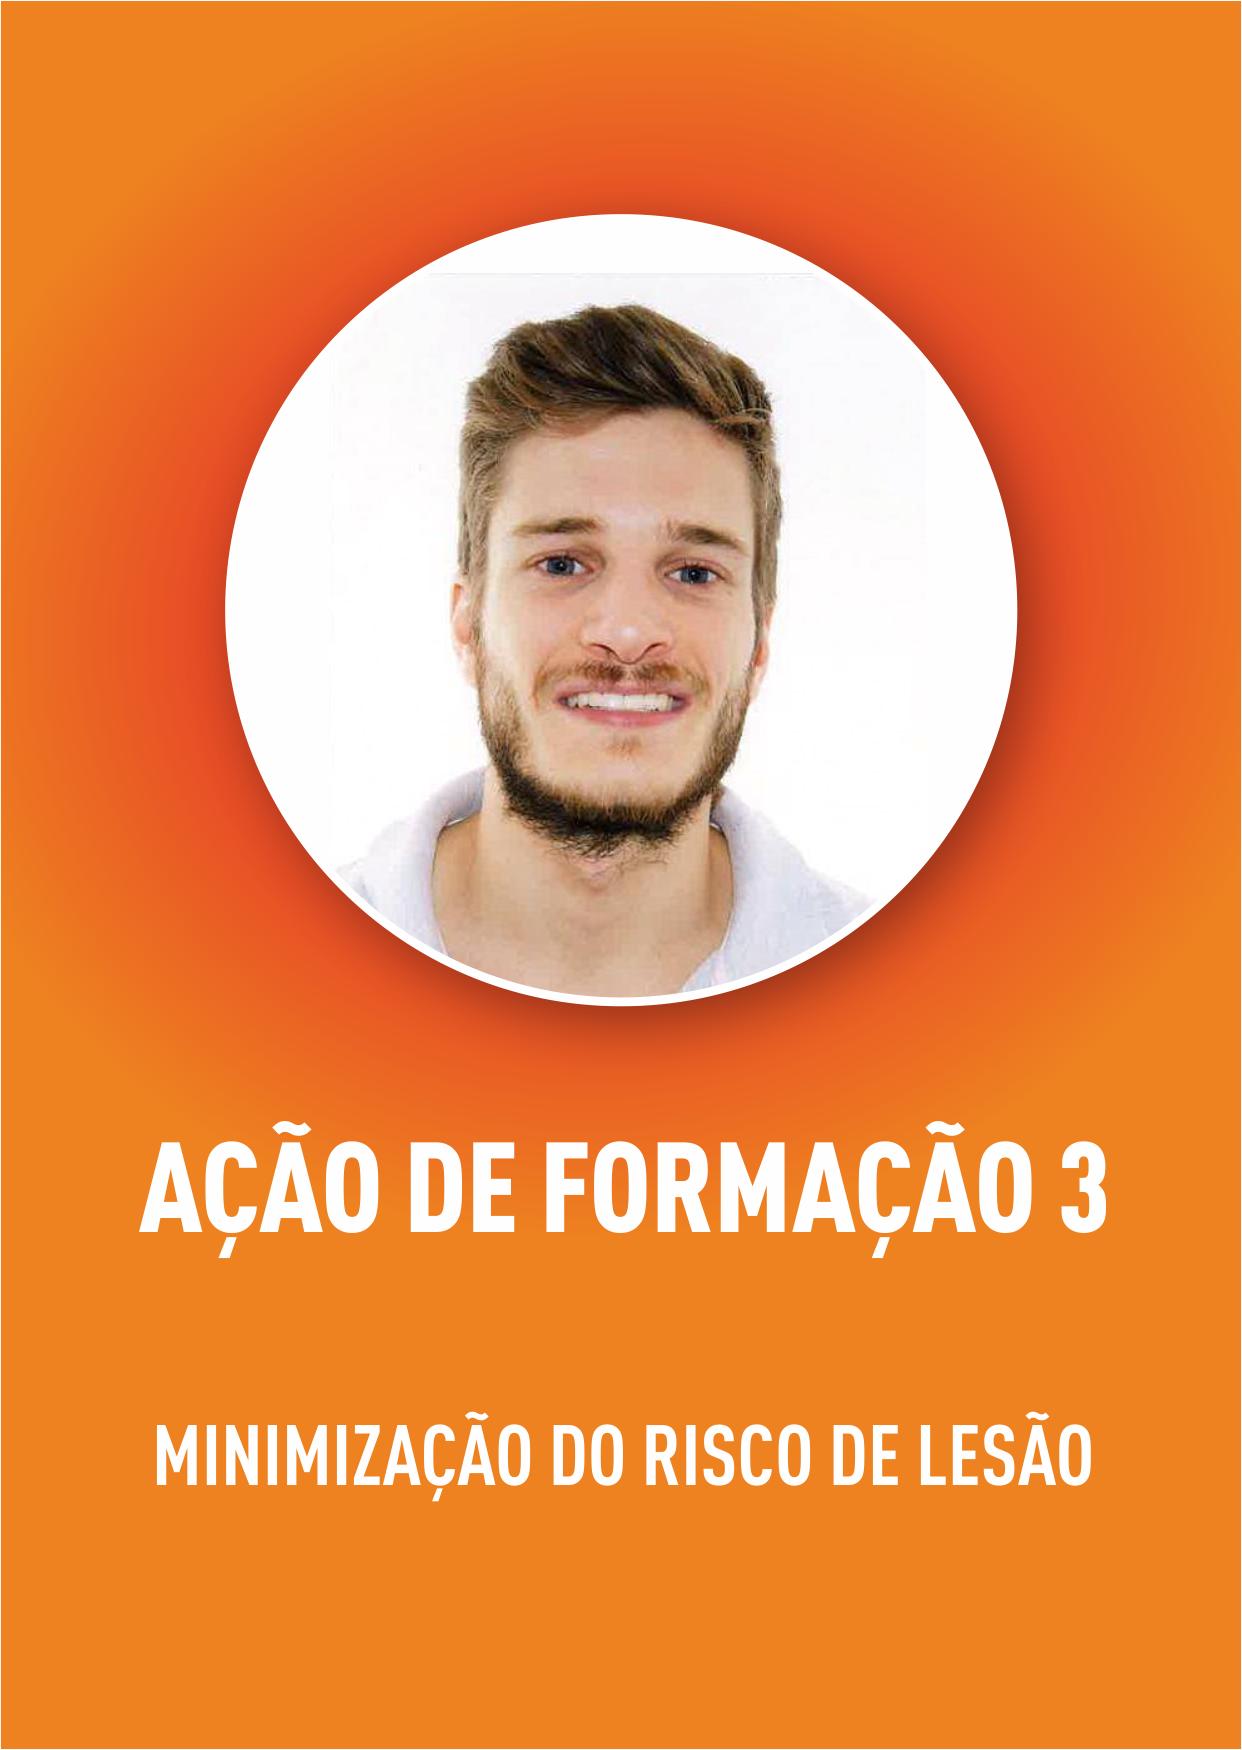 AFO 3 - MINIMIZAÇÃO DO RISCO DE LESÃO